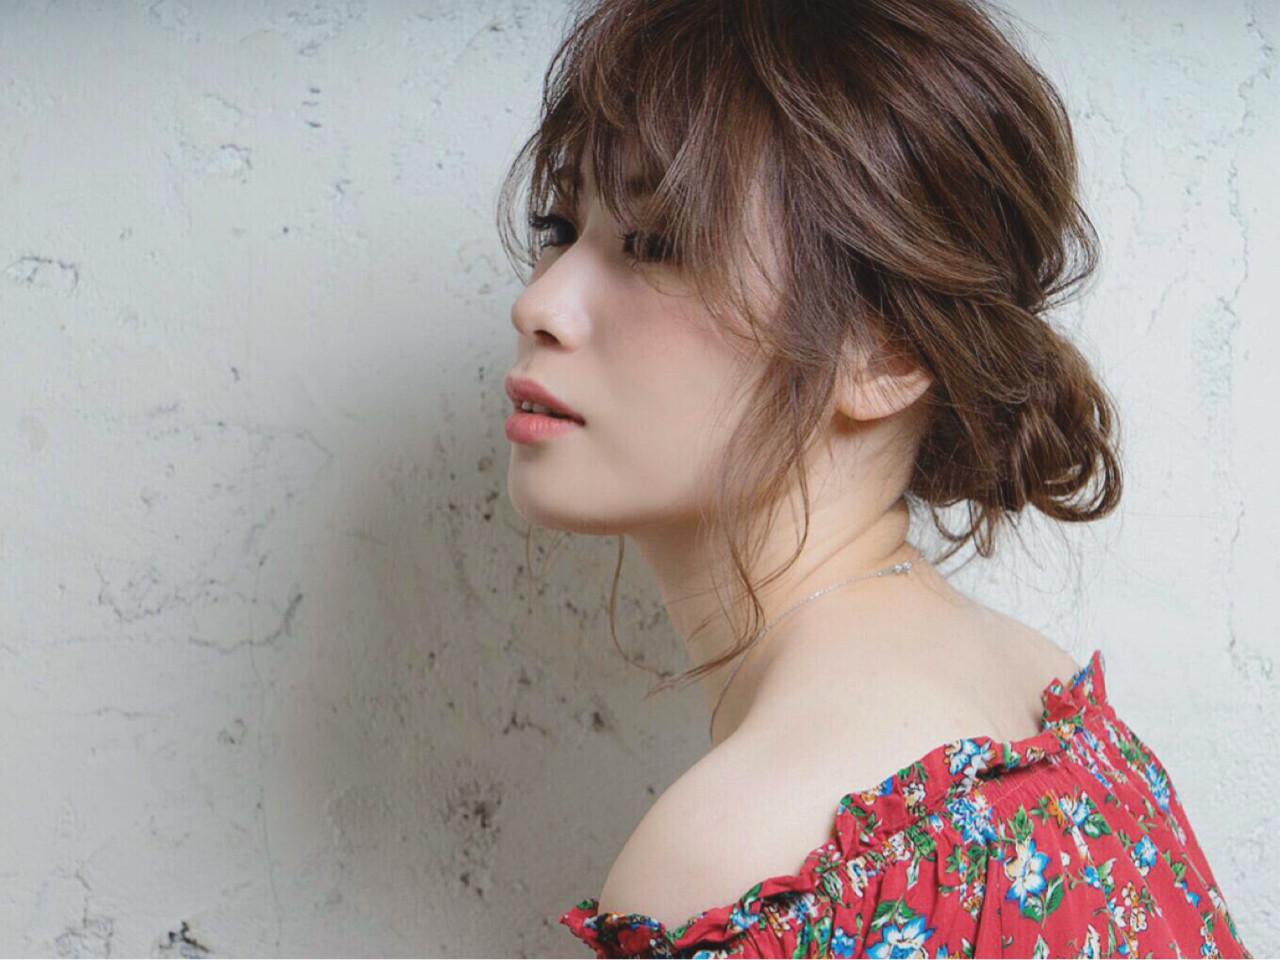 ミディアム 大人かわいい 簡単ヘアアレンジ ショート ヘアスタイルや髪型の写真・画像 | NATSUKI /